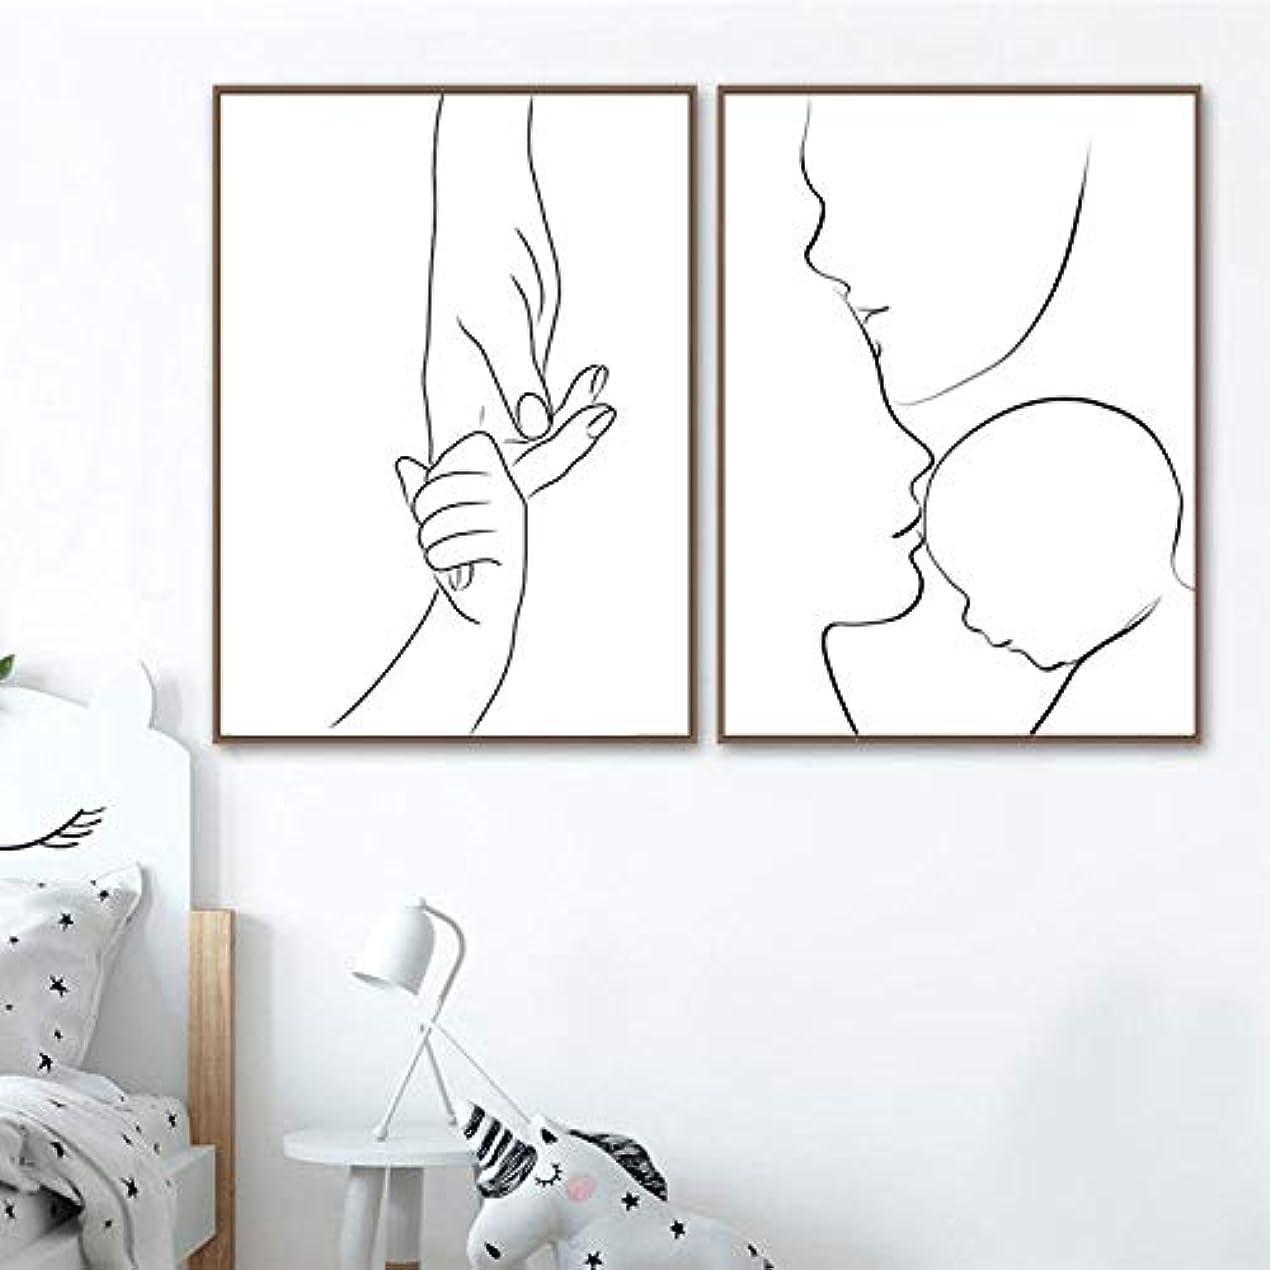 変わる襟レギュラー家族愛ポスター新生児ママ手ラインアートキャンバスポスター保育園壁アート写真抽象絵画プリント赤ちゃんルーム装飾-40X50Cmx2ピースなしフレーム